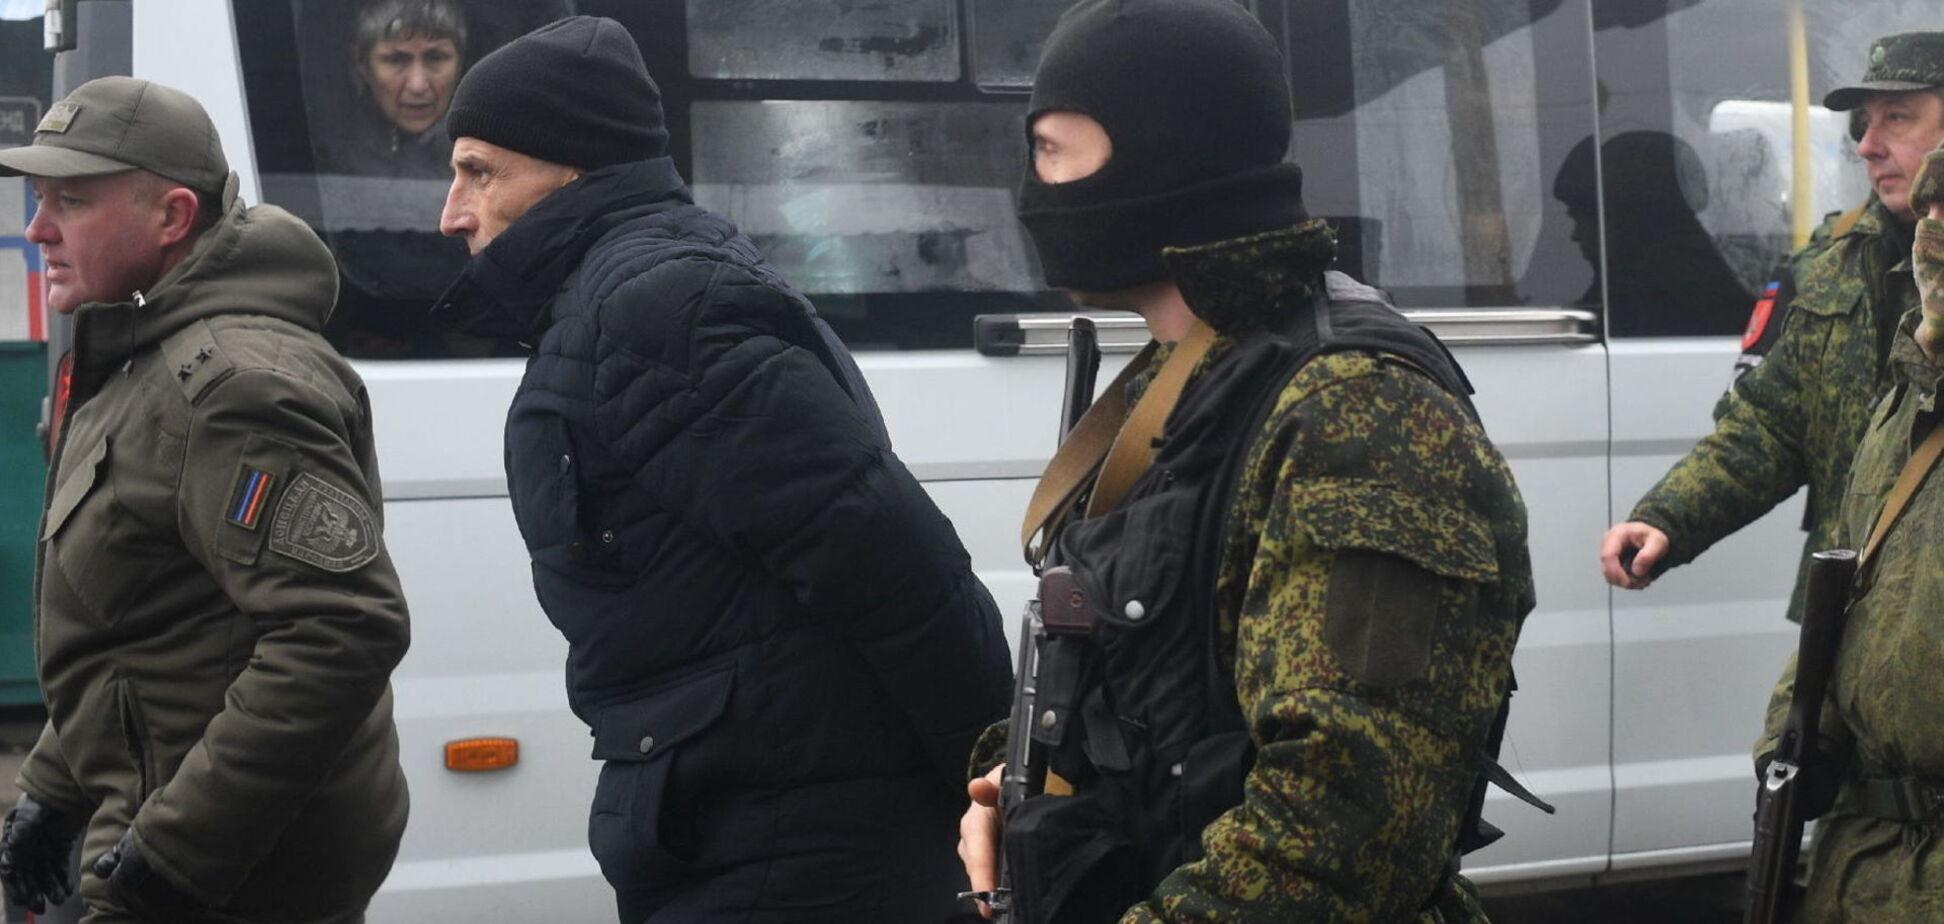 Останній великий обмін полоненими між Україною і Росією відбувся в грудні 2019 року